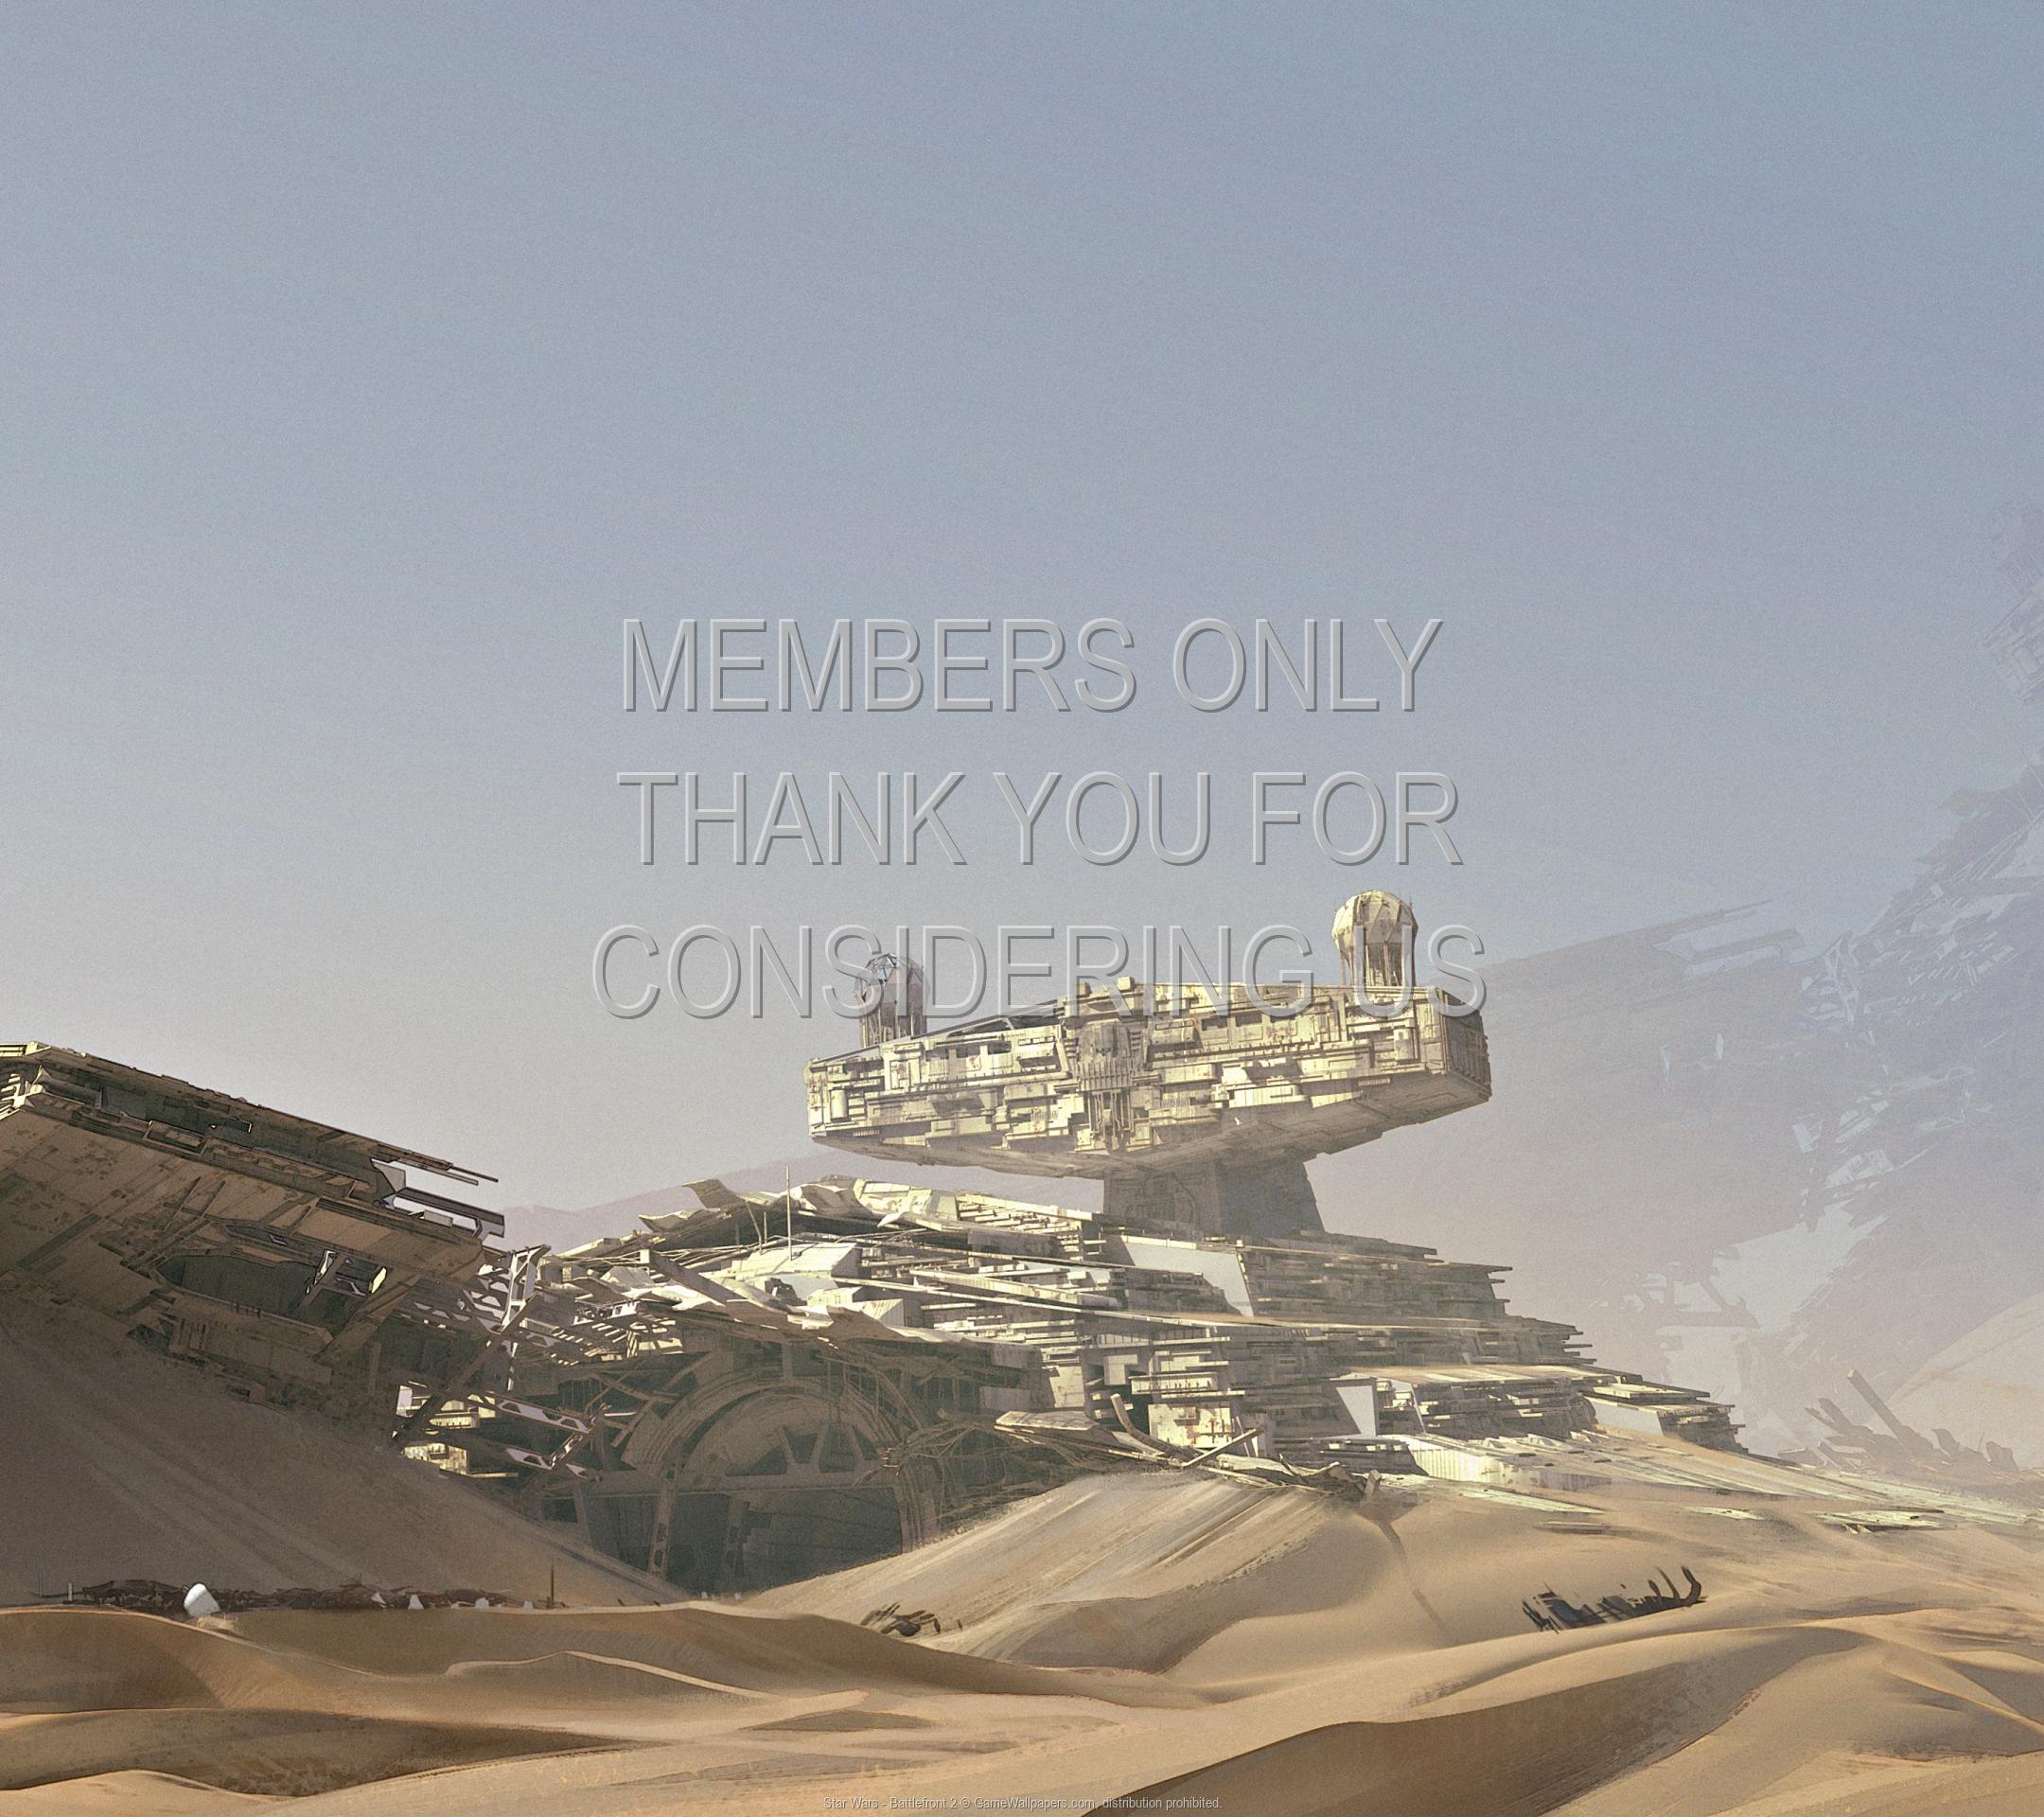 Star Wars - Battlefront 2 1920x1080 Mobile wallpaper or background 04